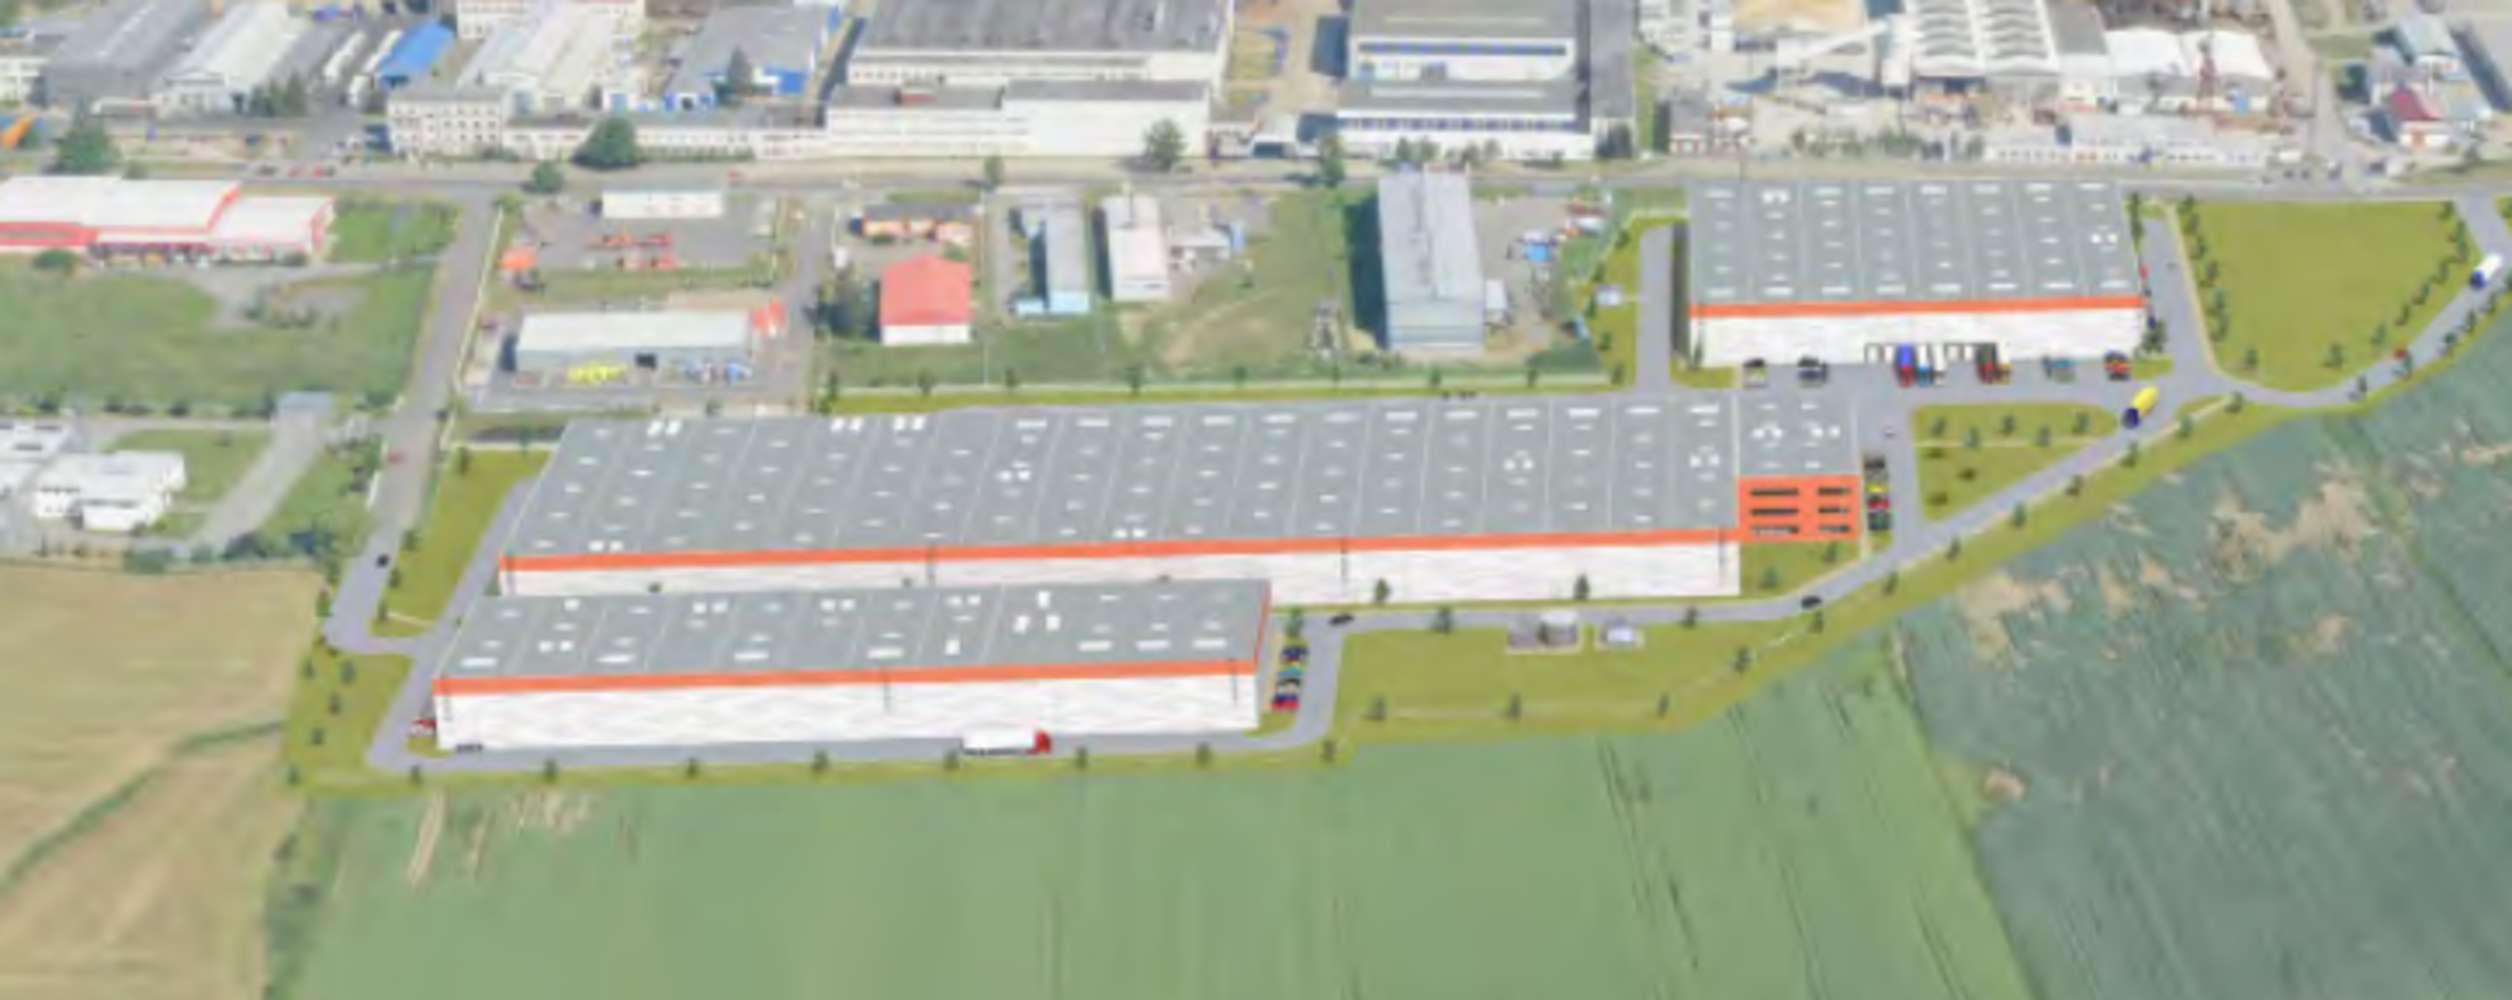 Industrial and logistics Plana nad luznici, 391 11 - CSPPark Planá nad Lužnicí